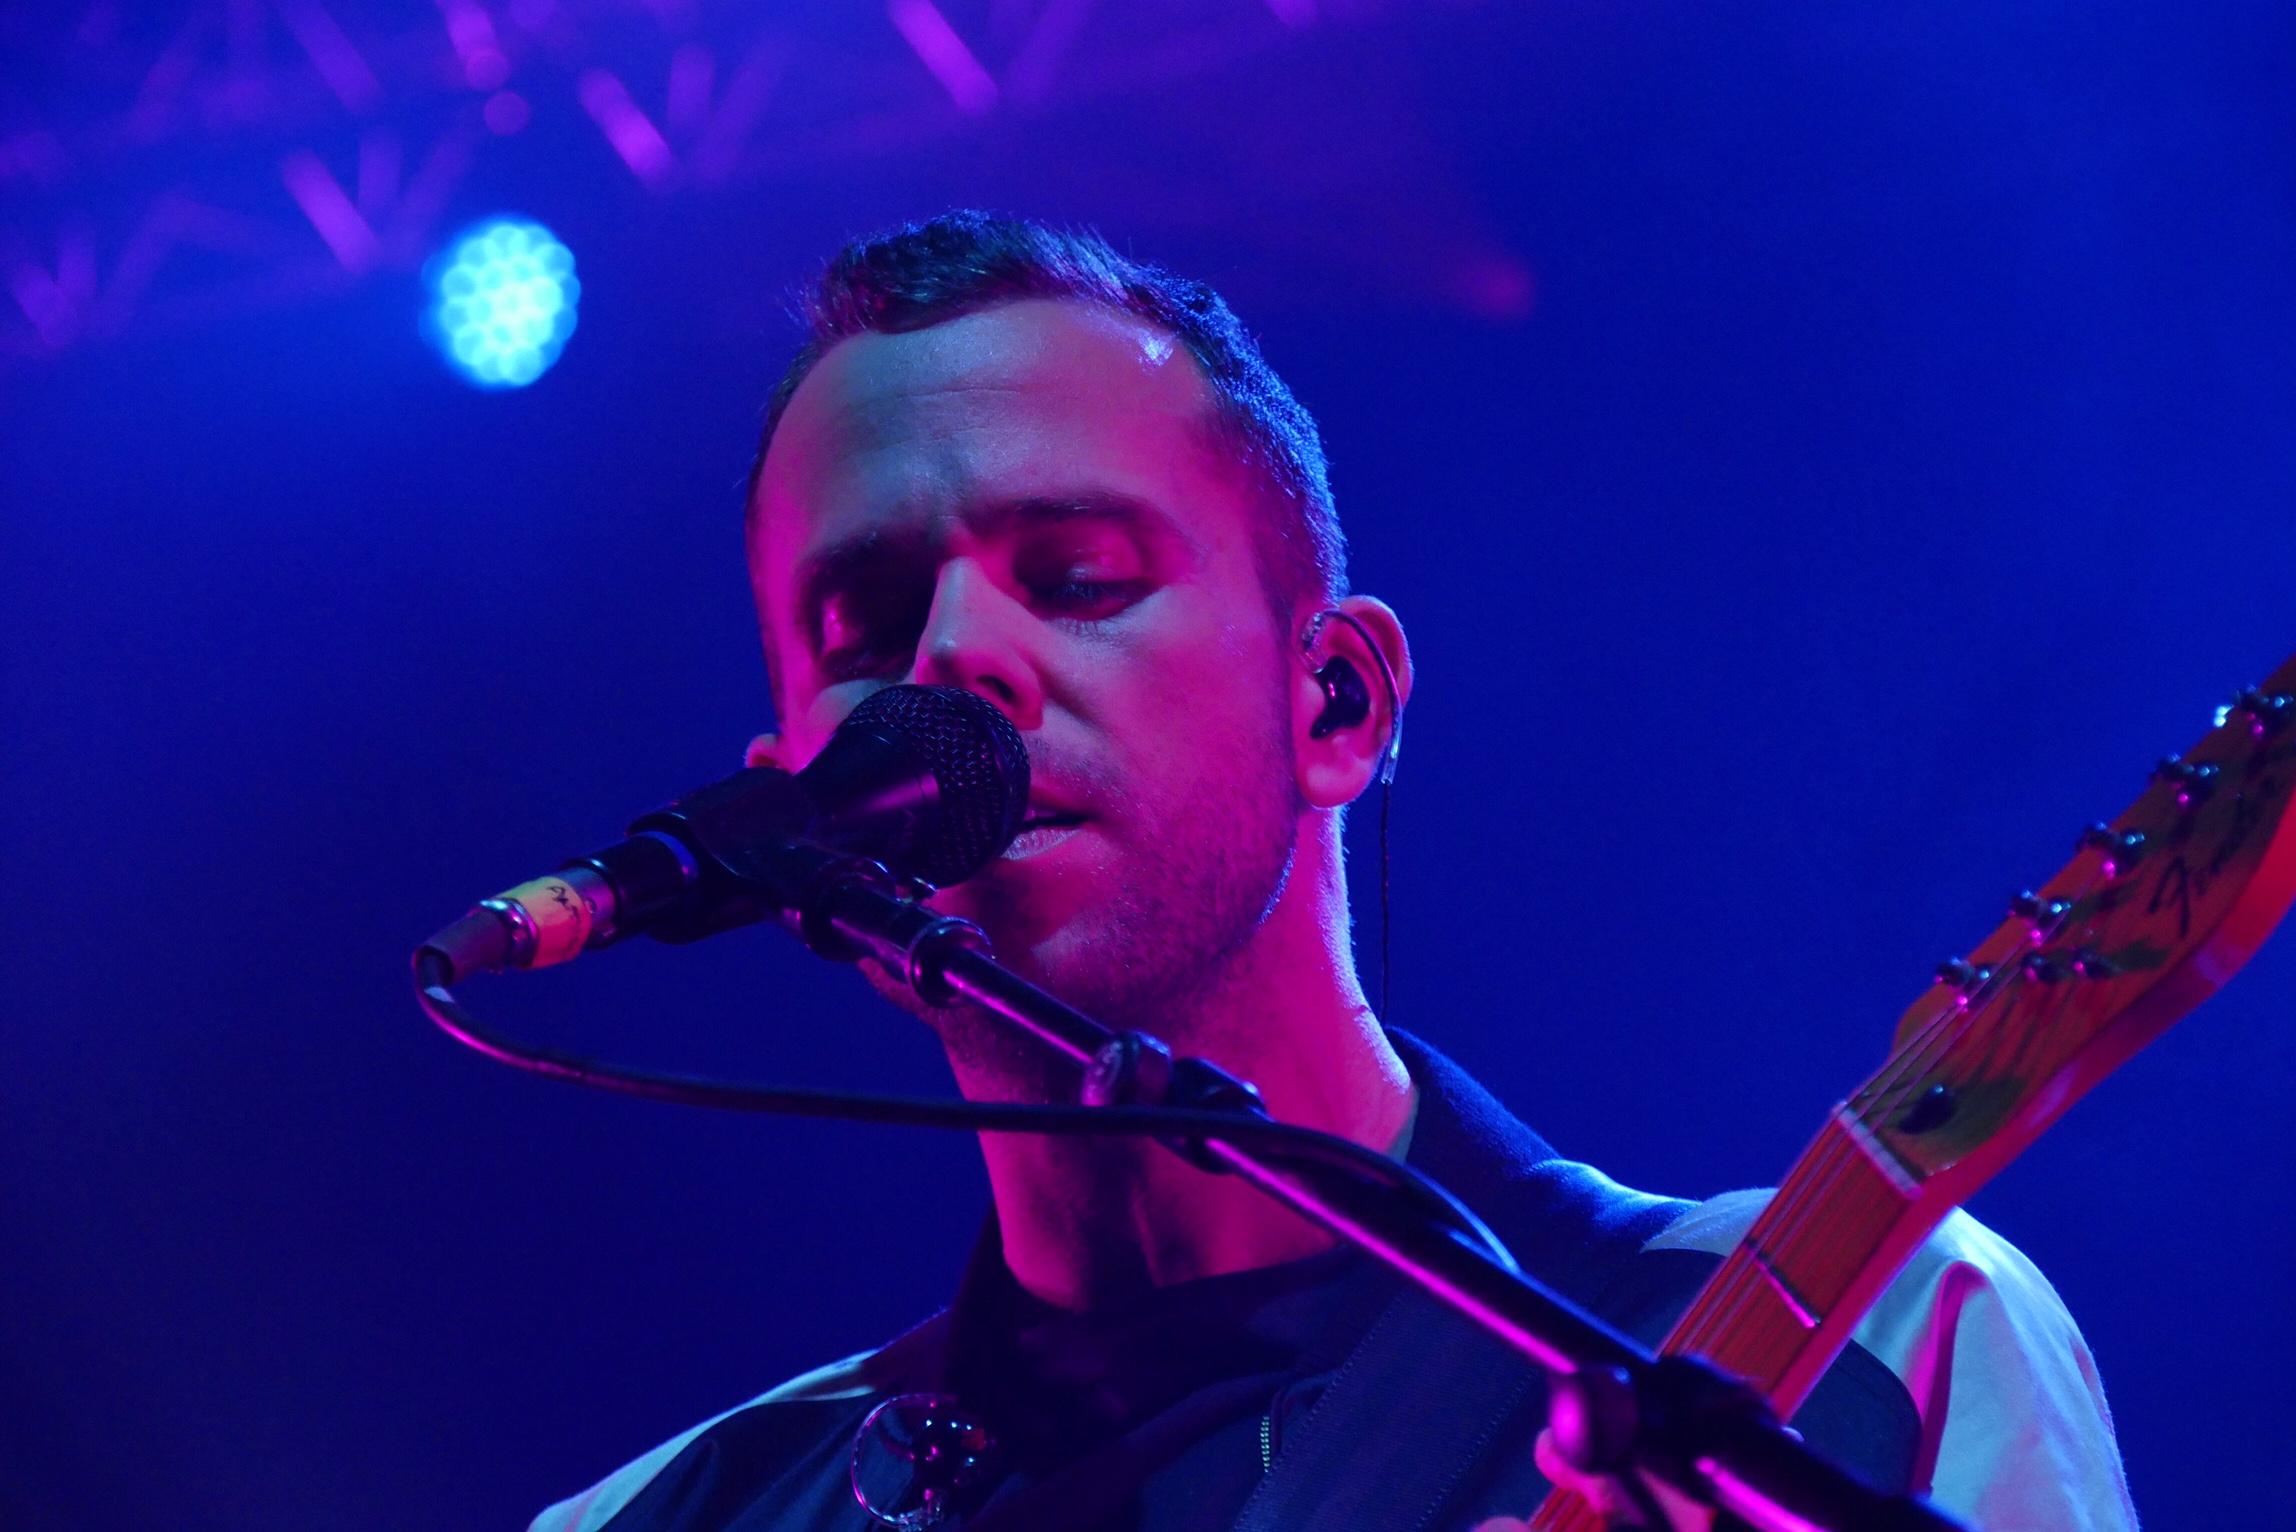 m83-anthony-gonzalez-reunion-junk-tour-live-concert-zenith-paris-photo-usofparis-blog